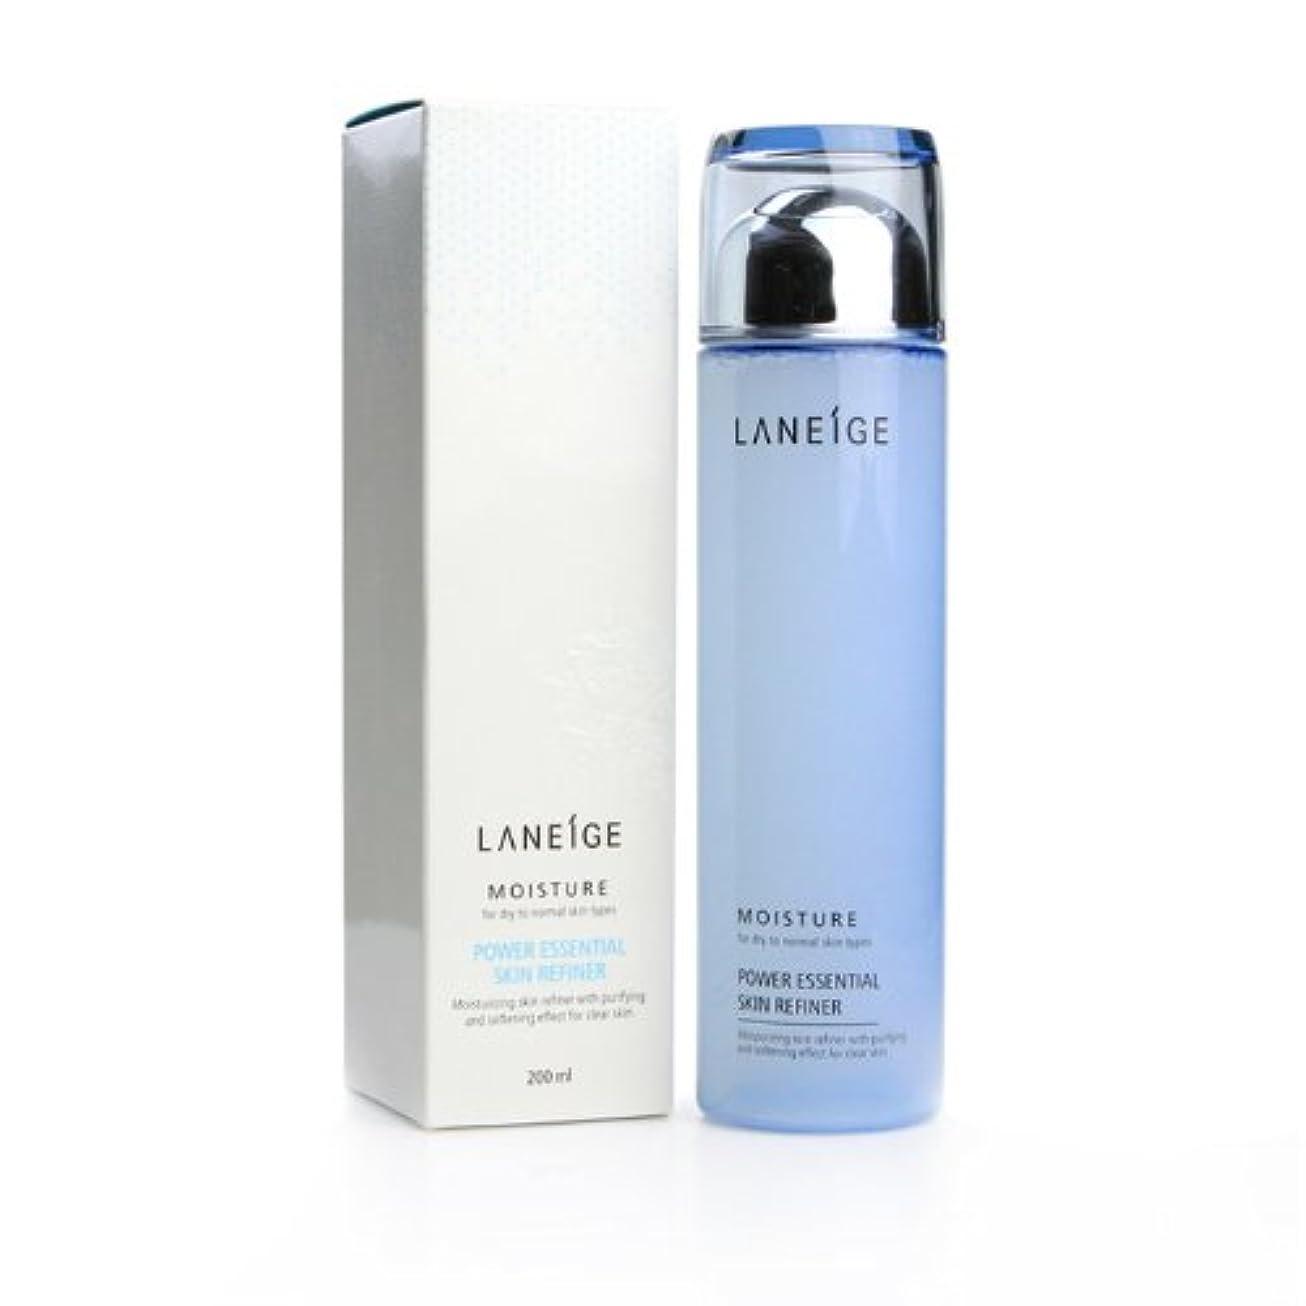 スタジオ器官遺伝的LANEIGE ラネージュ パワー エッセンシャル スキン リファイナー モイスチャー power essential skin refiner 200ml [並行輸入品]